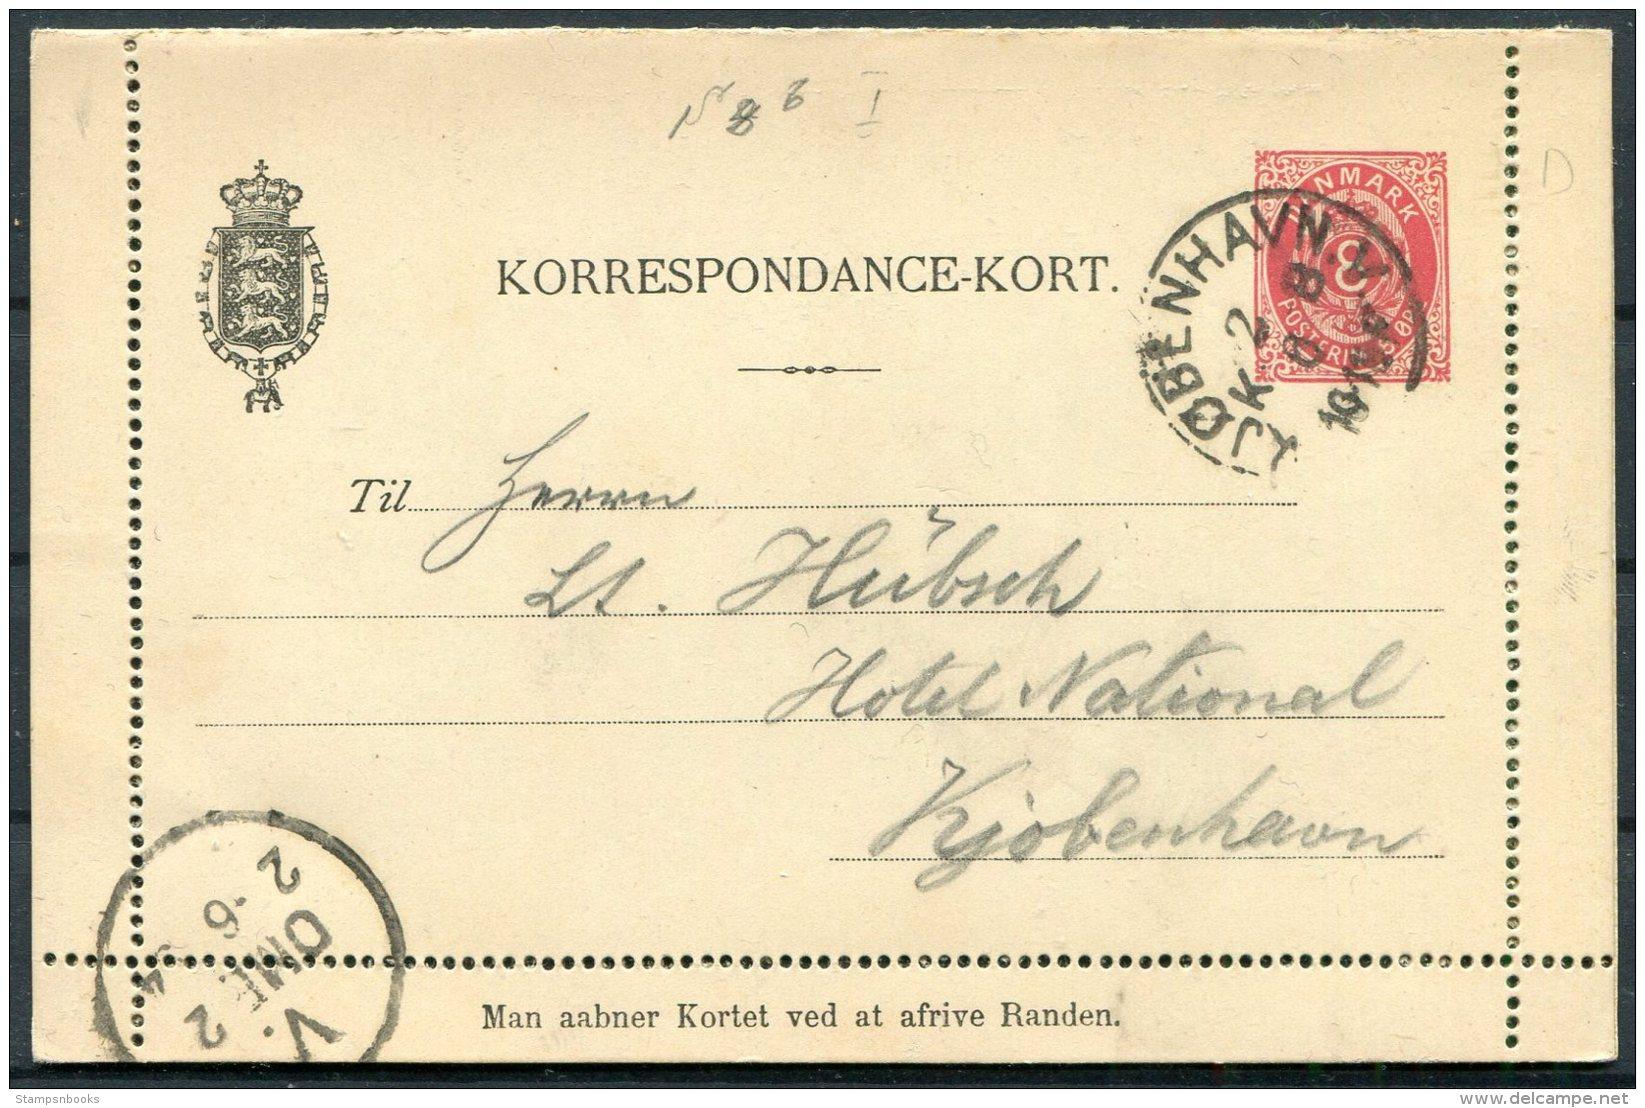 Denmark 8 Ore Stationery Lettercard / Korrespondance-Kort Copenhagen - 1864-04 (Christian IX)